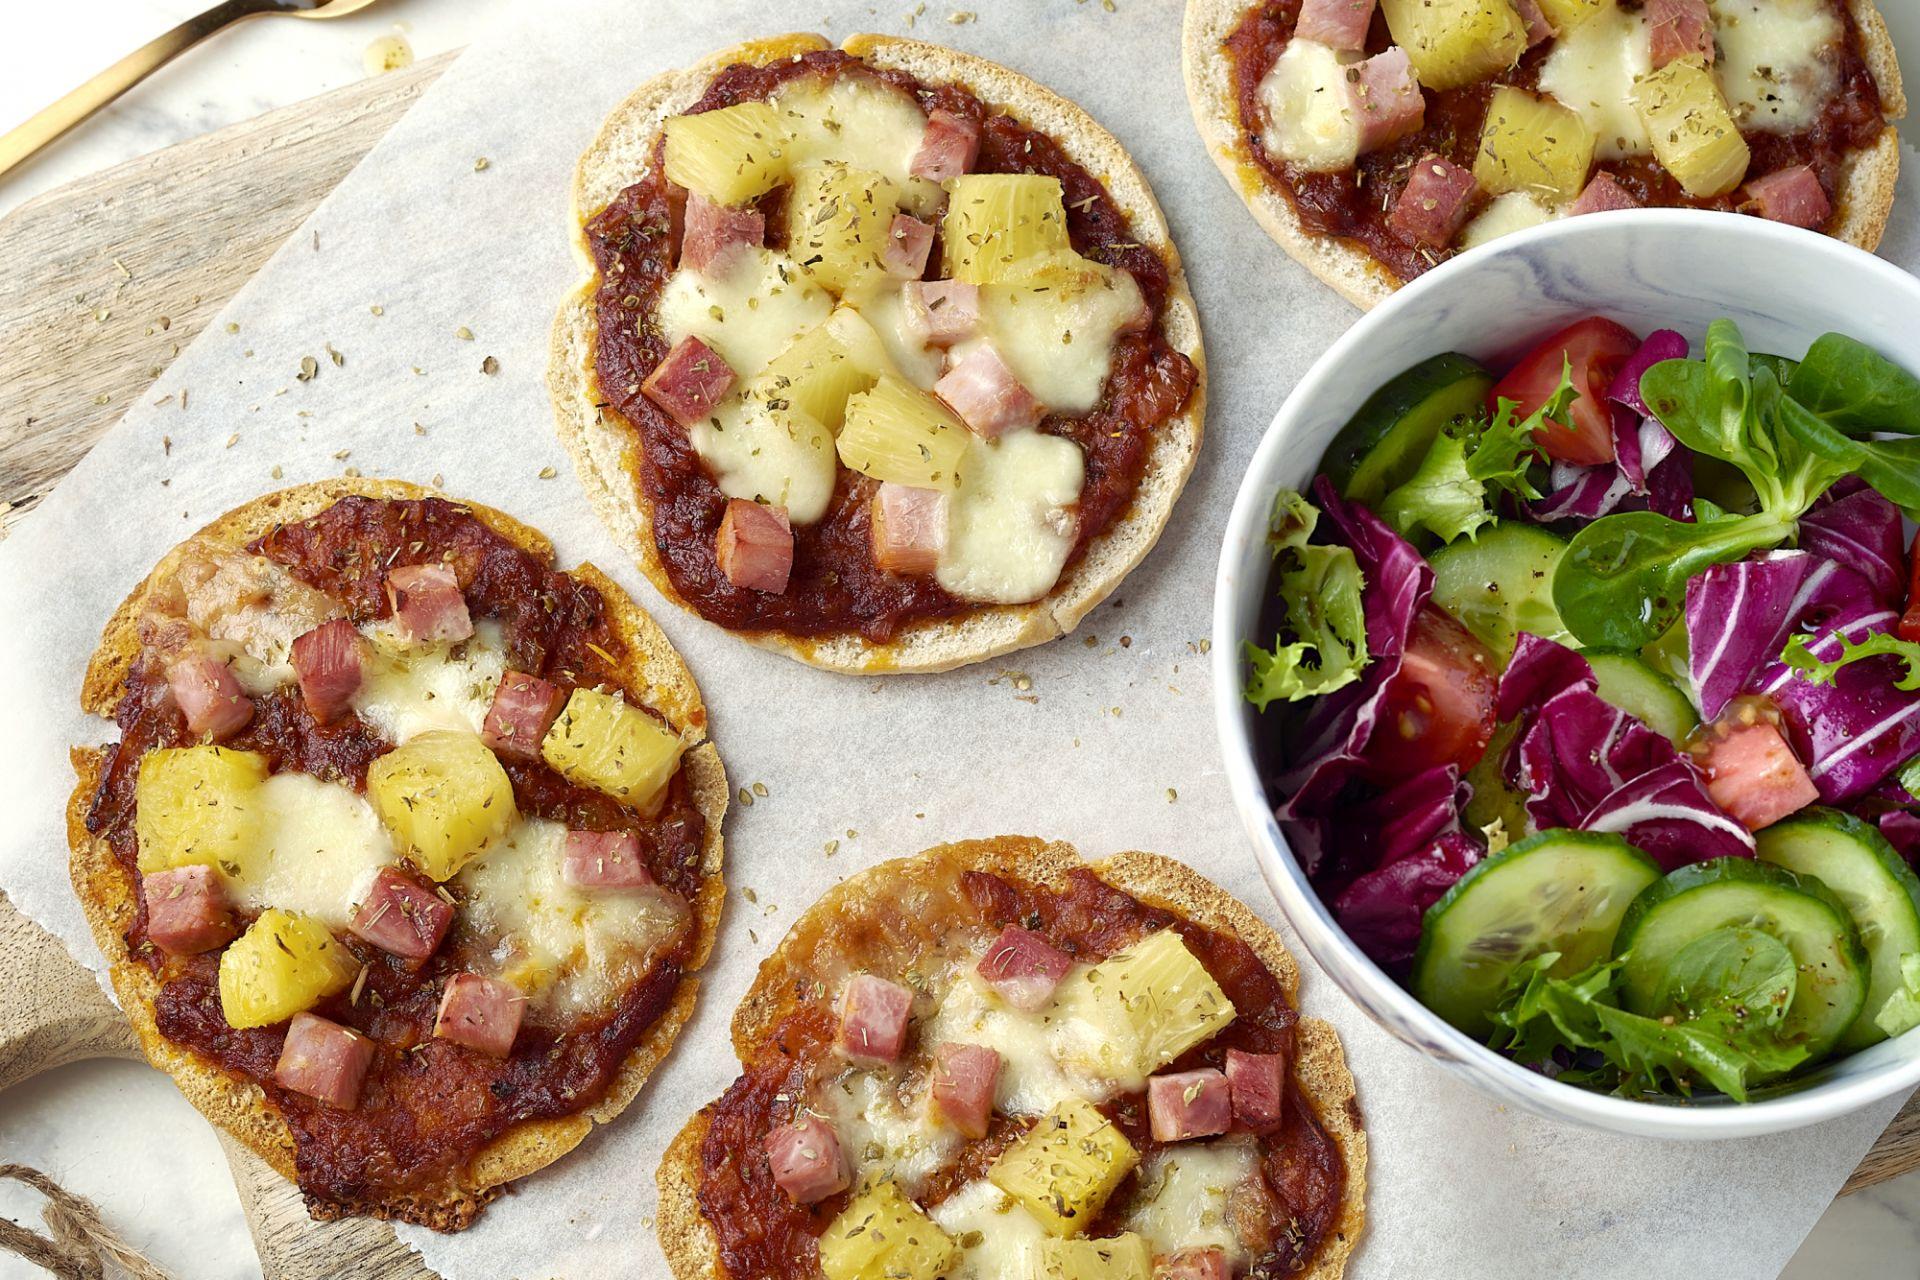 Pizzetta Hawaï met frisse salade